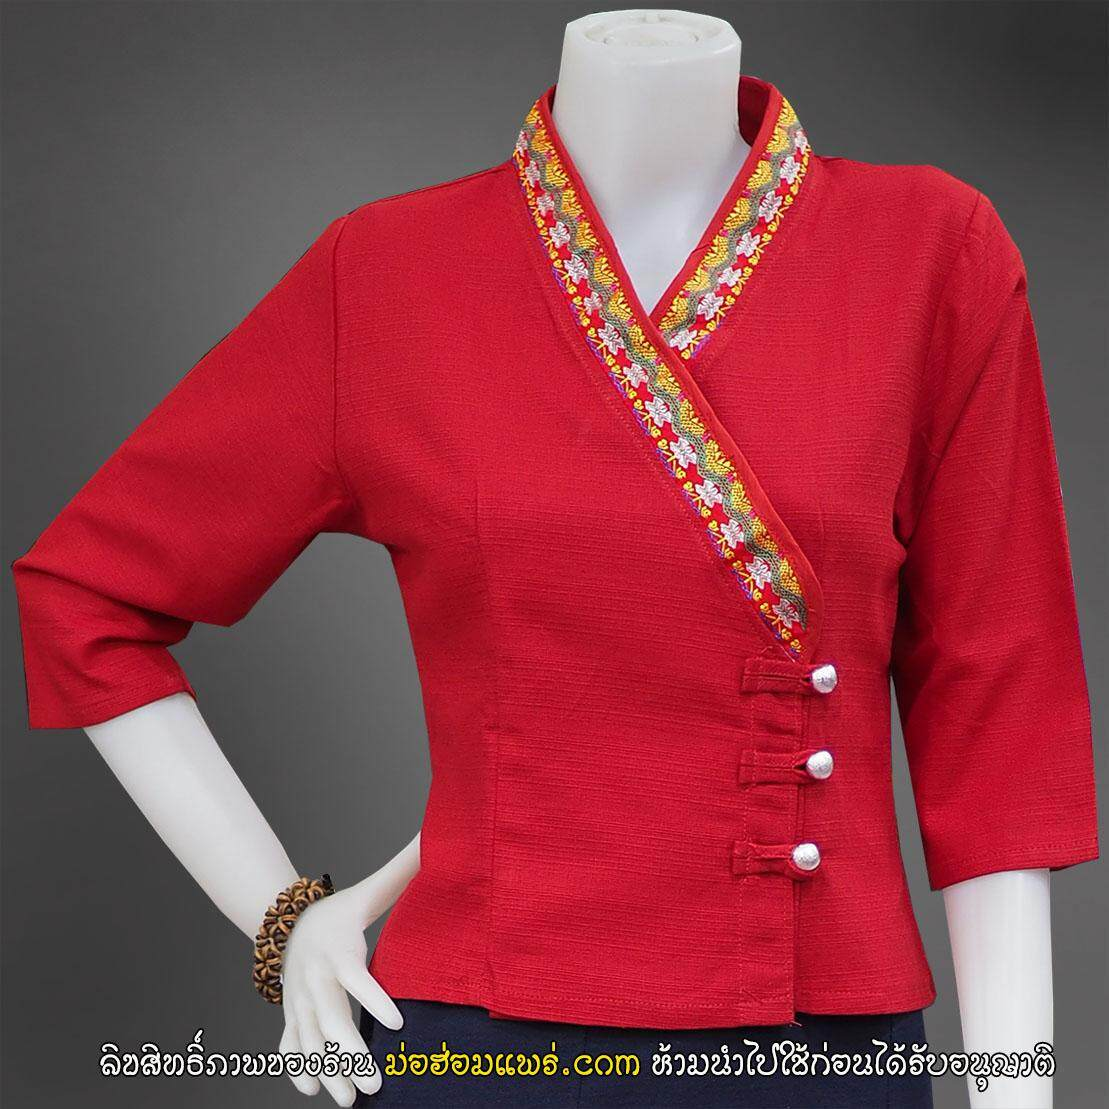 เสื้อเจ้านาง เสื้อผ้าฝ้าย ทรงเจ้านางป้าย กระดุม 3 เม็ด แต่งเทป เข้ารูปแขนสามส่วน (สีขาว ฟ้า ม่วง เหลือง แดง) ( เสื้อพื้นเมือง , เสื้อหม้อฮ่อม , เสื้อหม้อห้อม ) เนื้อผ้าชินฝ้ายมัยอย่างดี